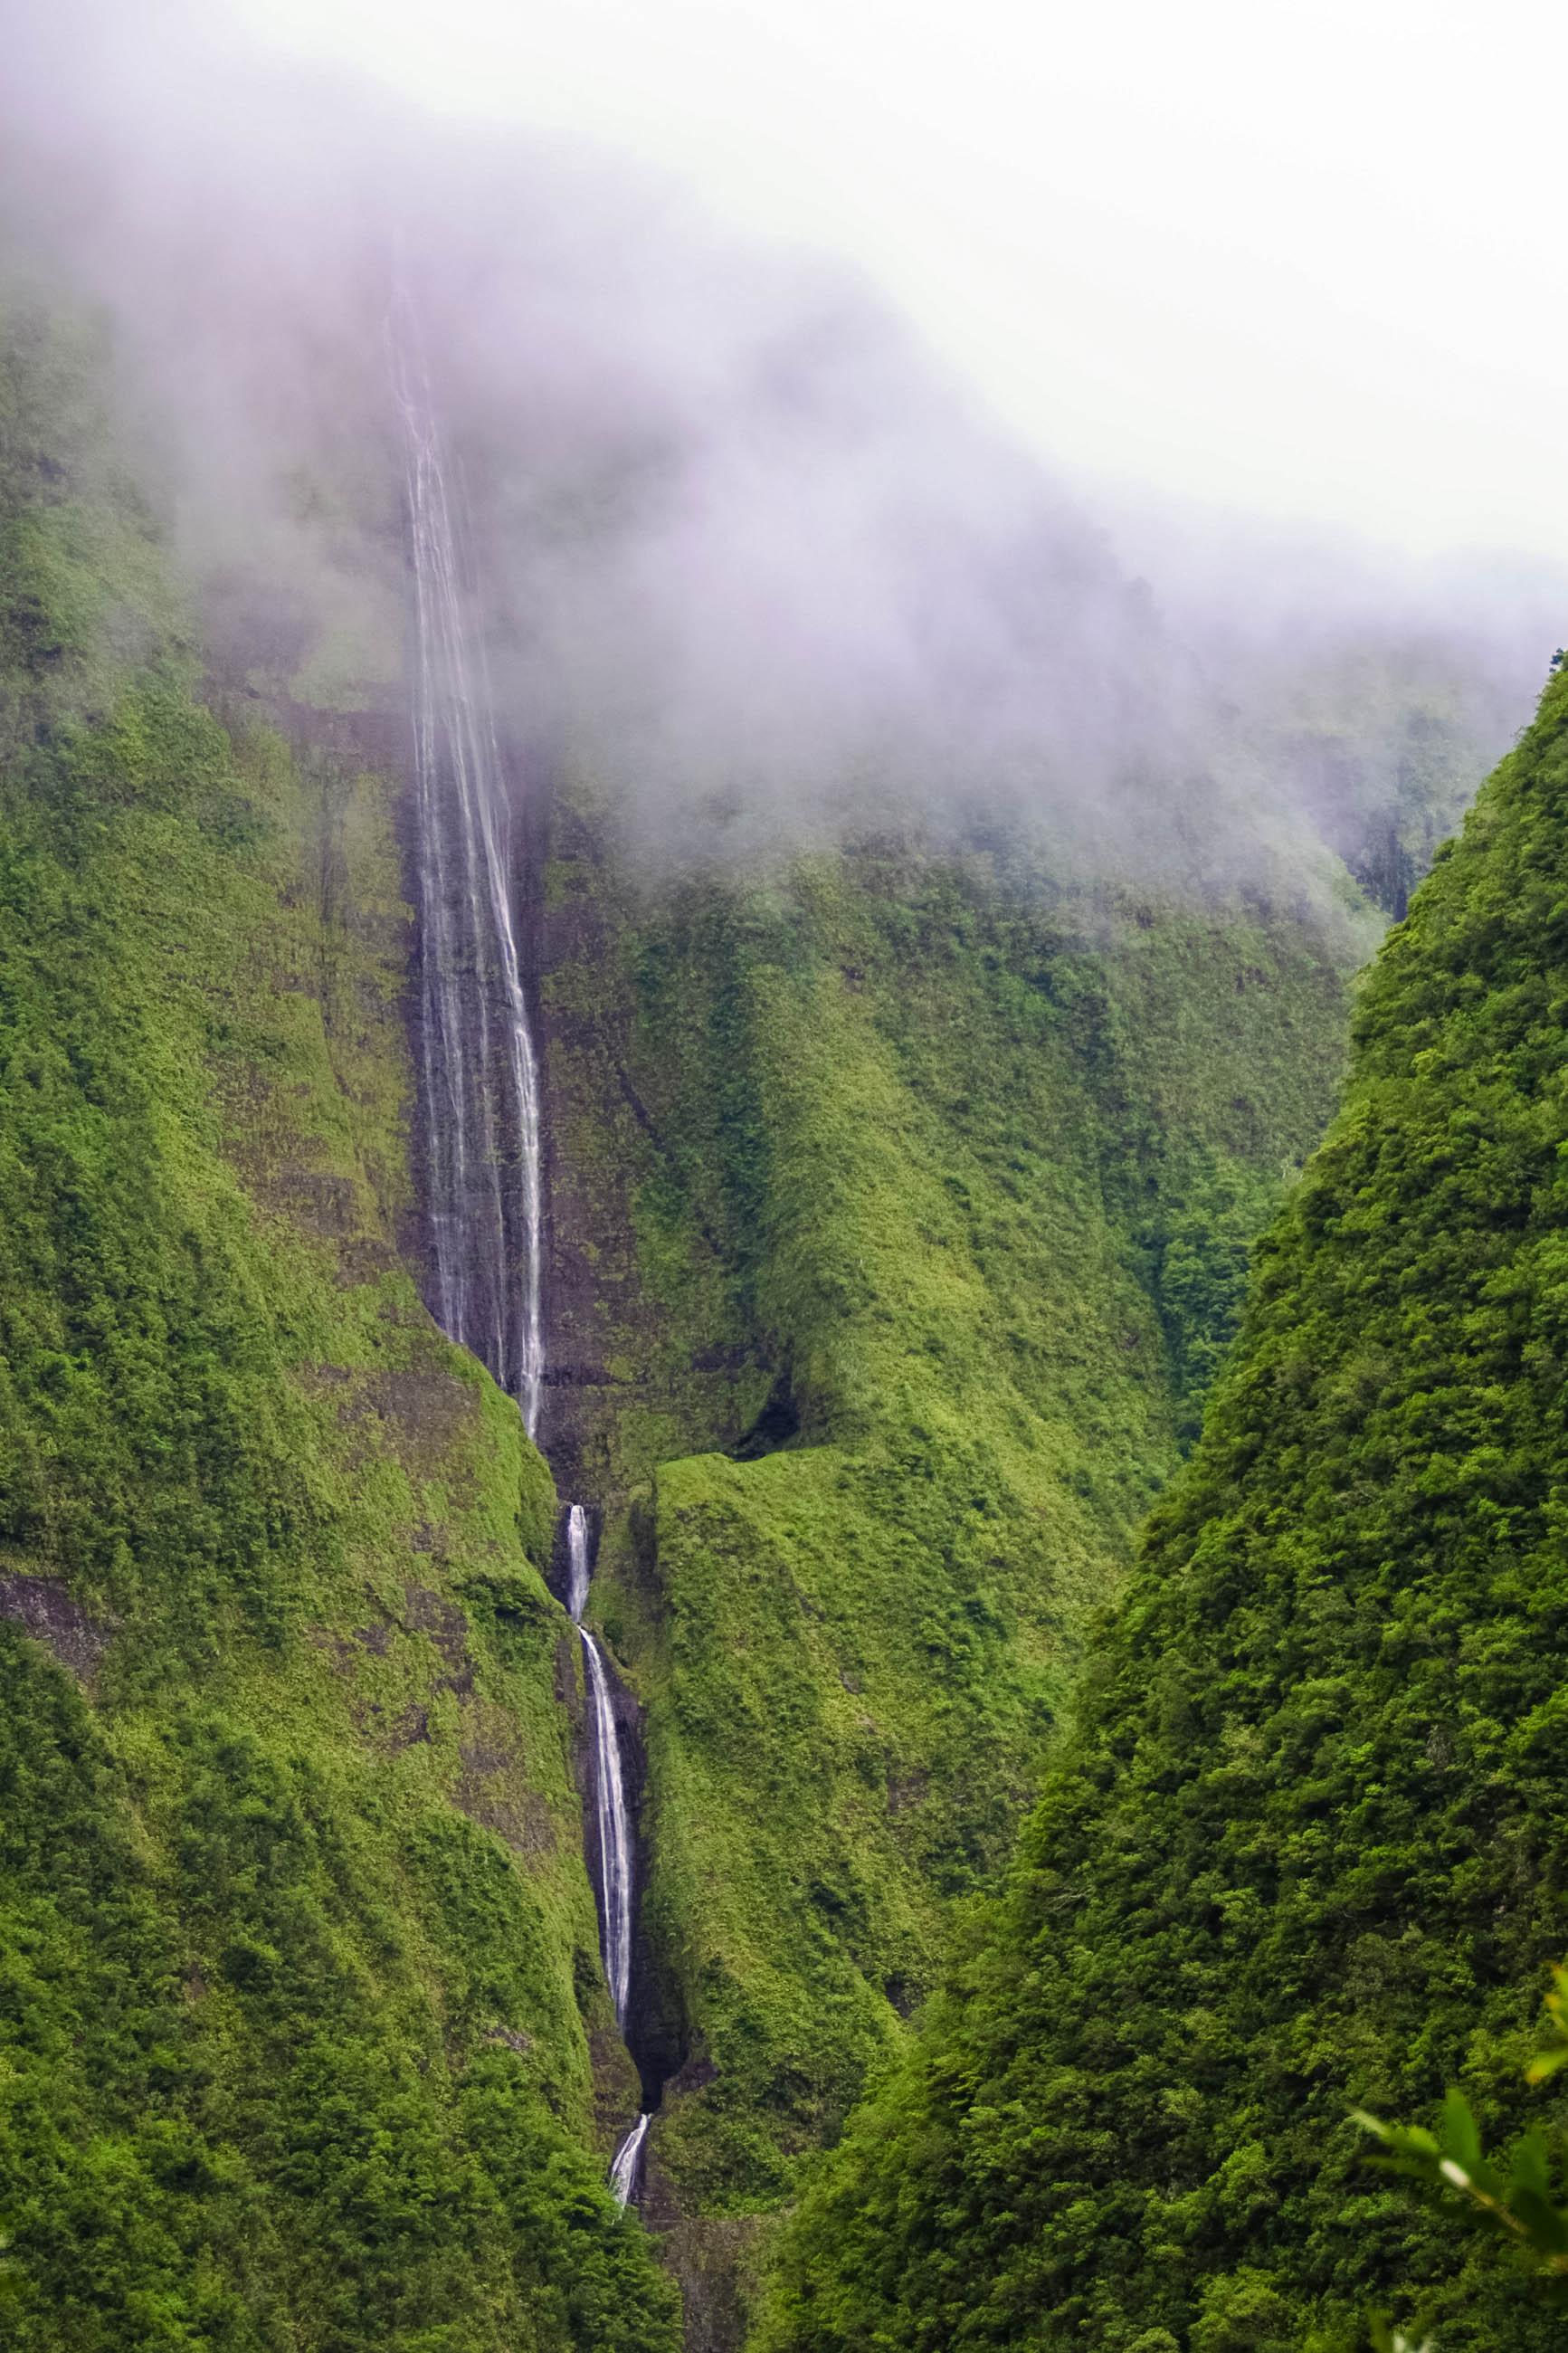 Wasserfall Trou de Fer im Forêt de Bébour, einem prachtvollen Urwald im Zentrum von La Réunion - © Sebastien Burel / Shutterstock